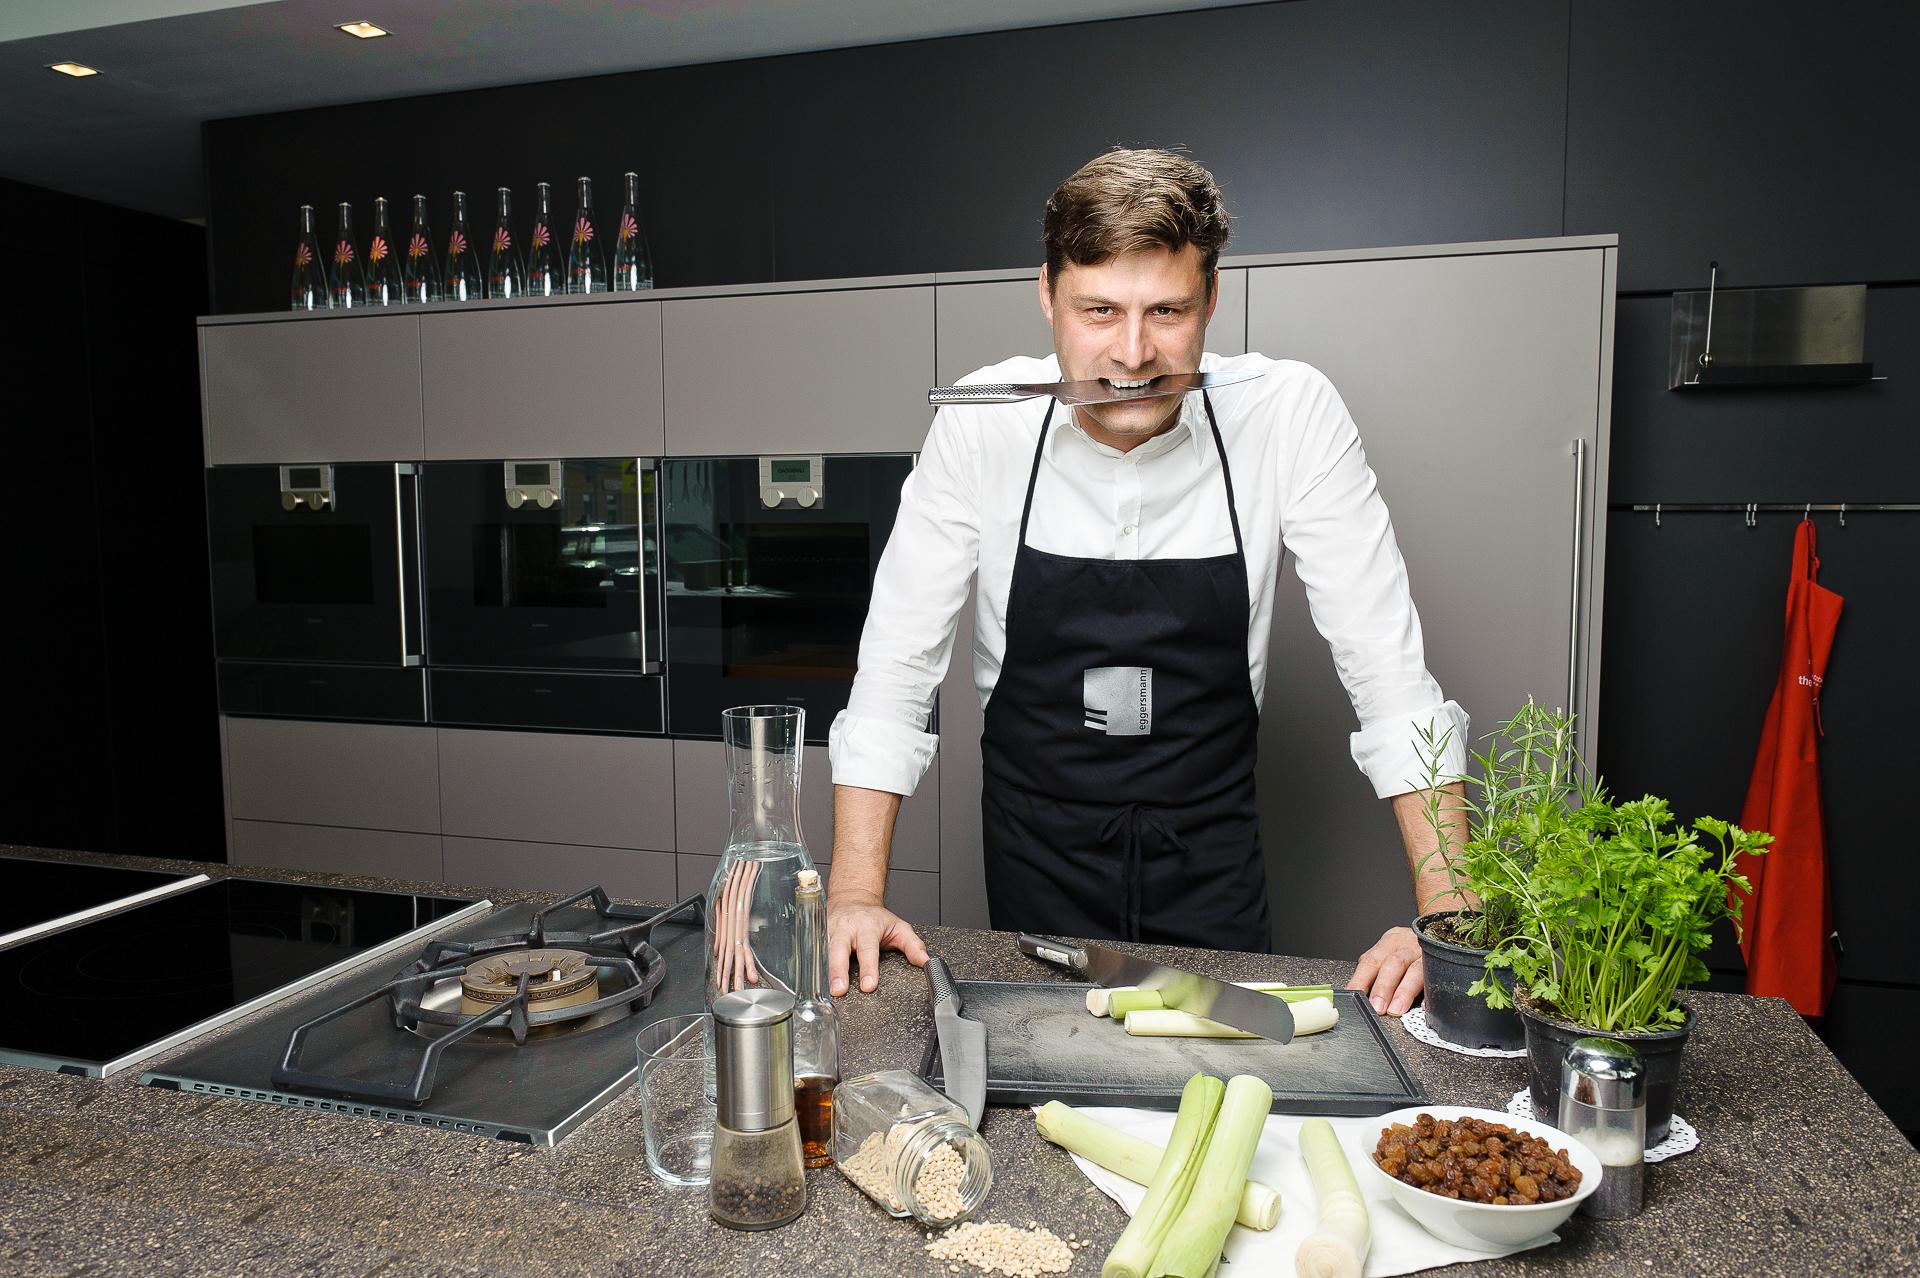 Kunden Kochbuch07 Advertising Werbung by JHofer-Foto Juergen Hofer